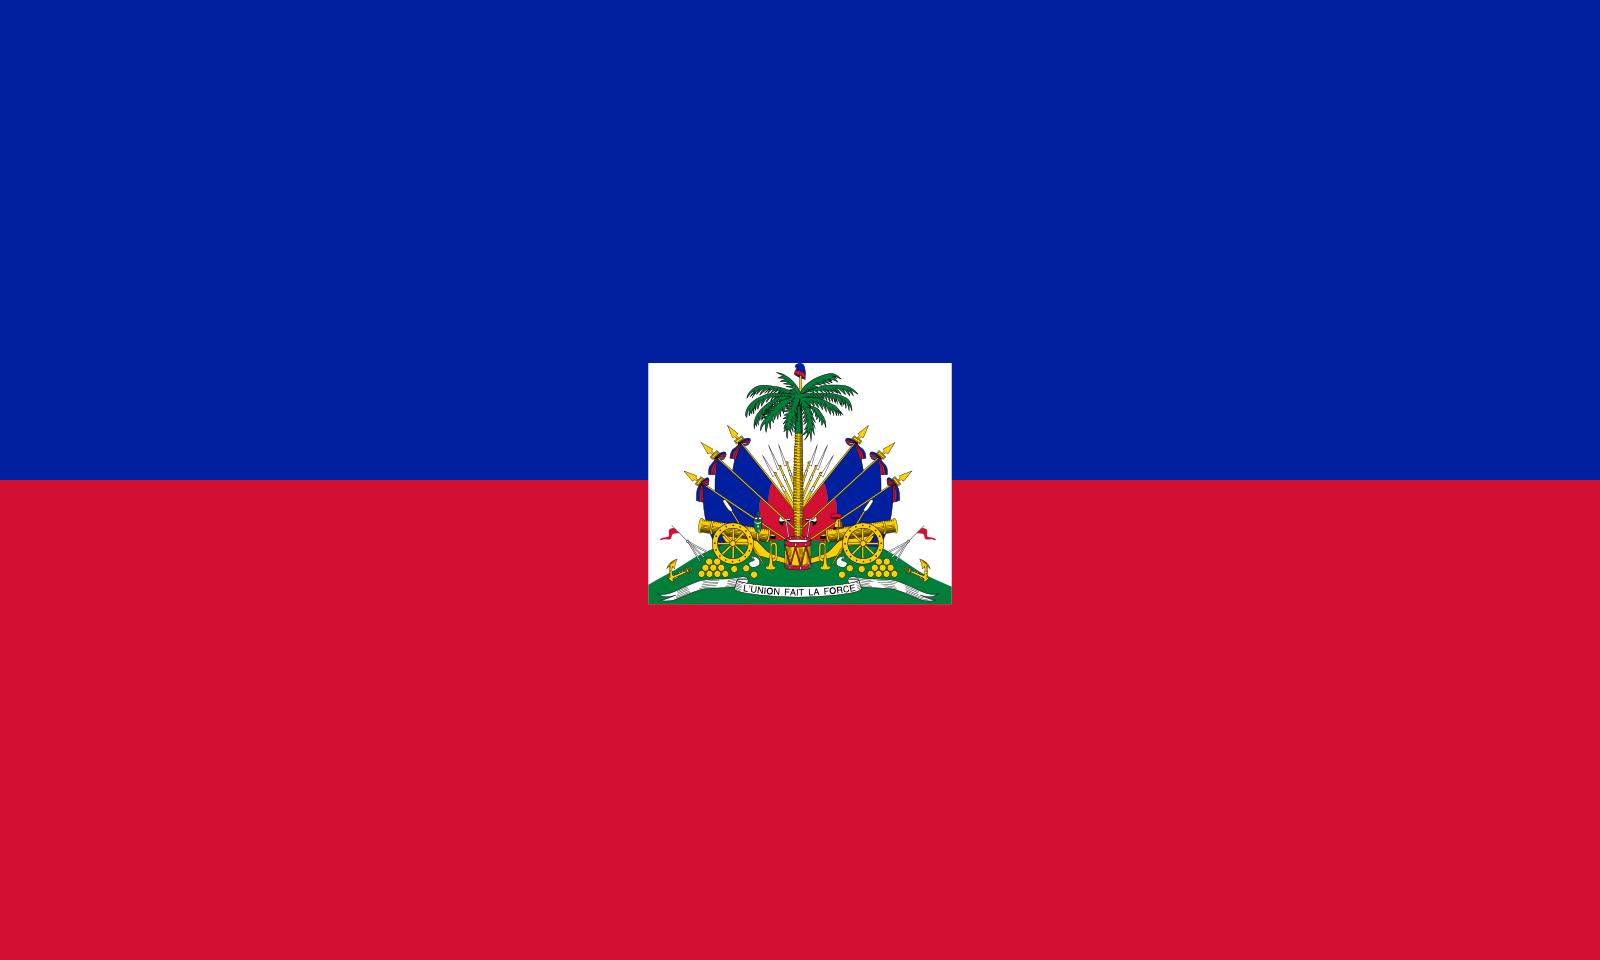 imagenes de banderas hd120 200 Imágenes de Banderas en HD (Wallpapers)